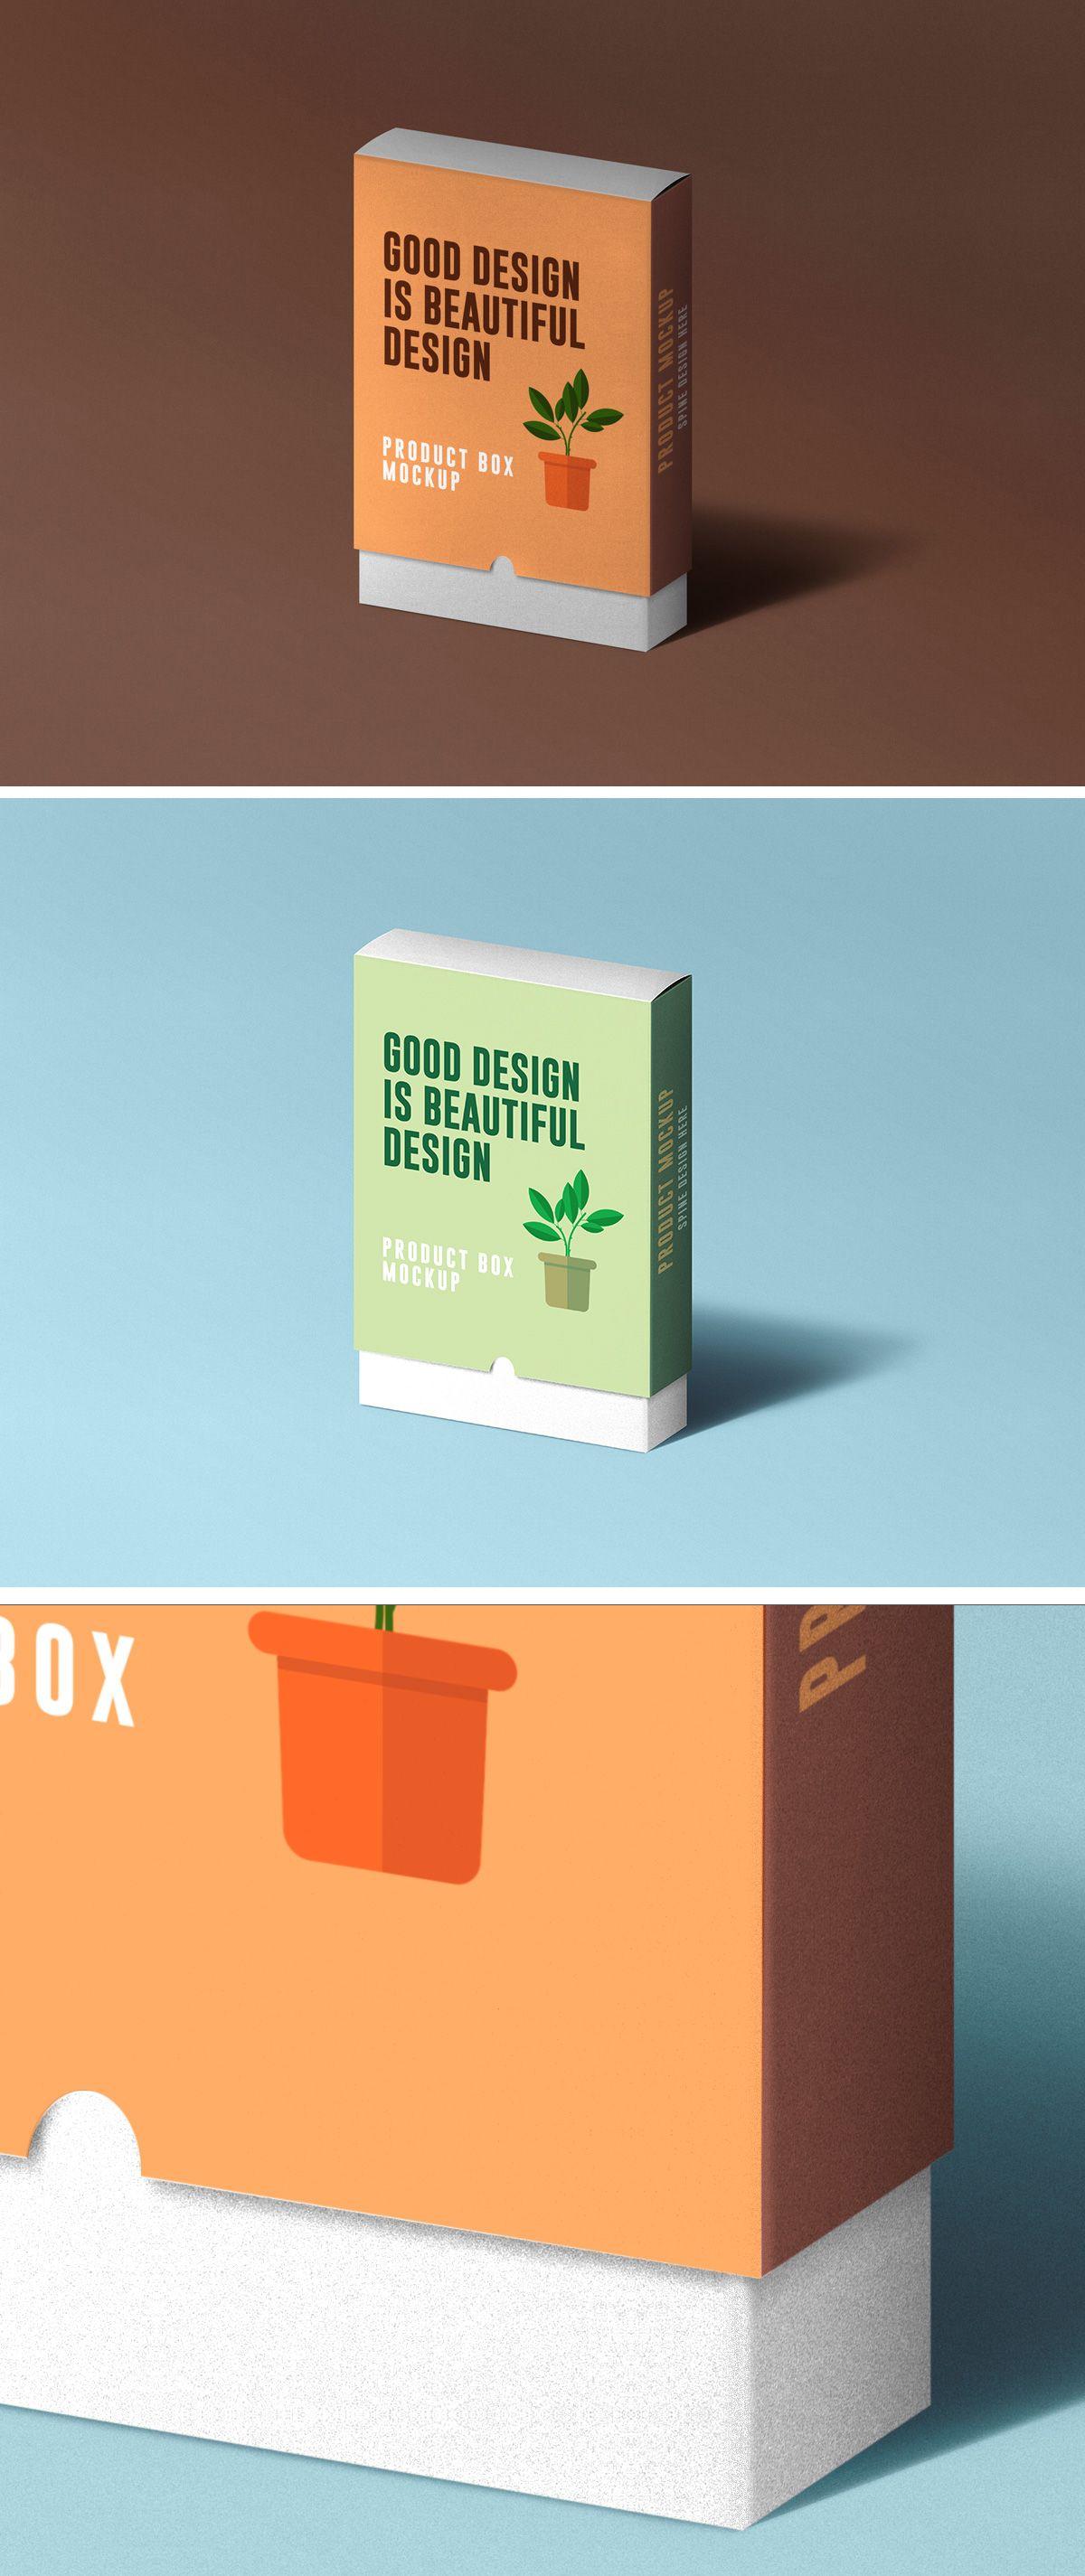 Download Slide Product Box Mockup Box Mockup Mockup Psd Free Packaging Mockup